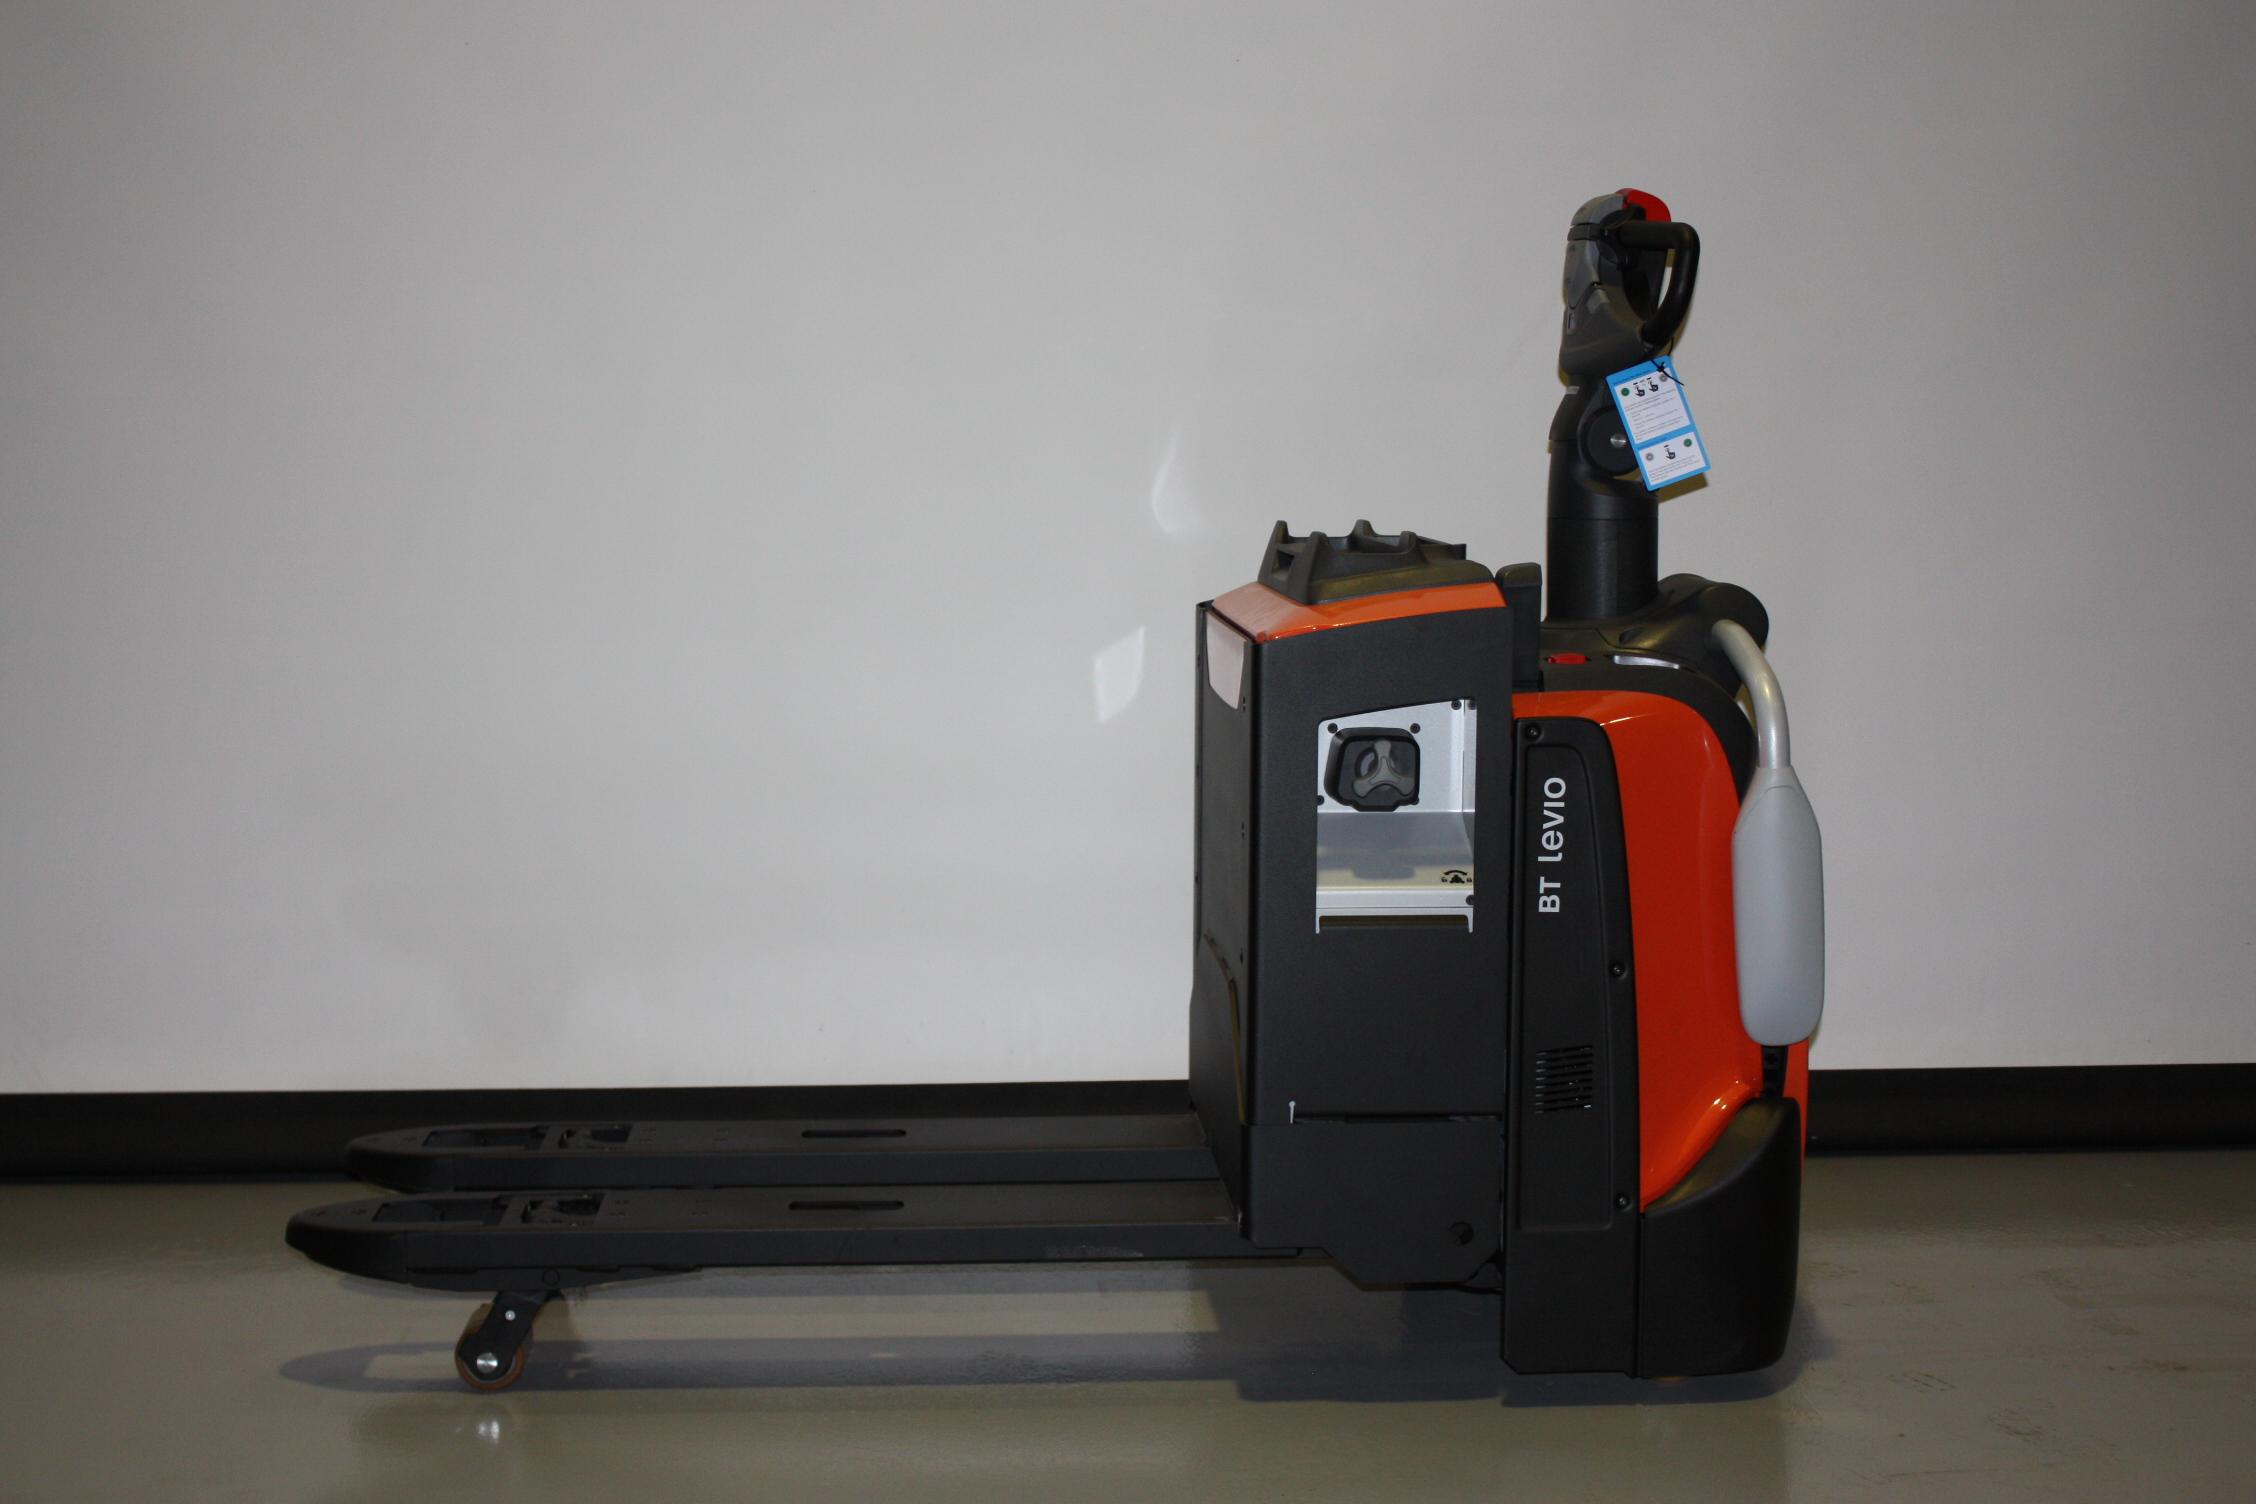 Toyota-Gabelstapler-59840 2007008529 1 2